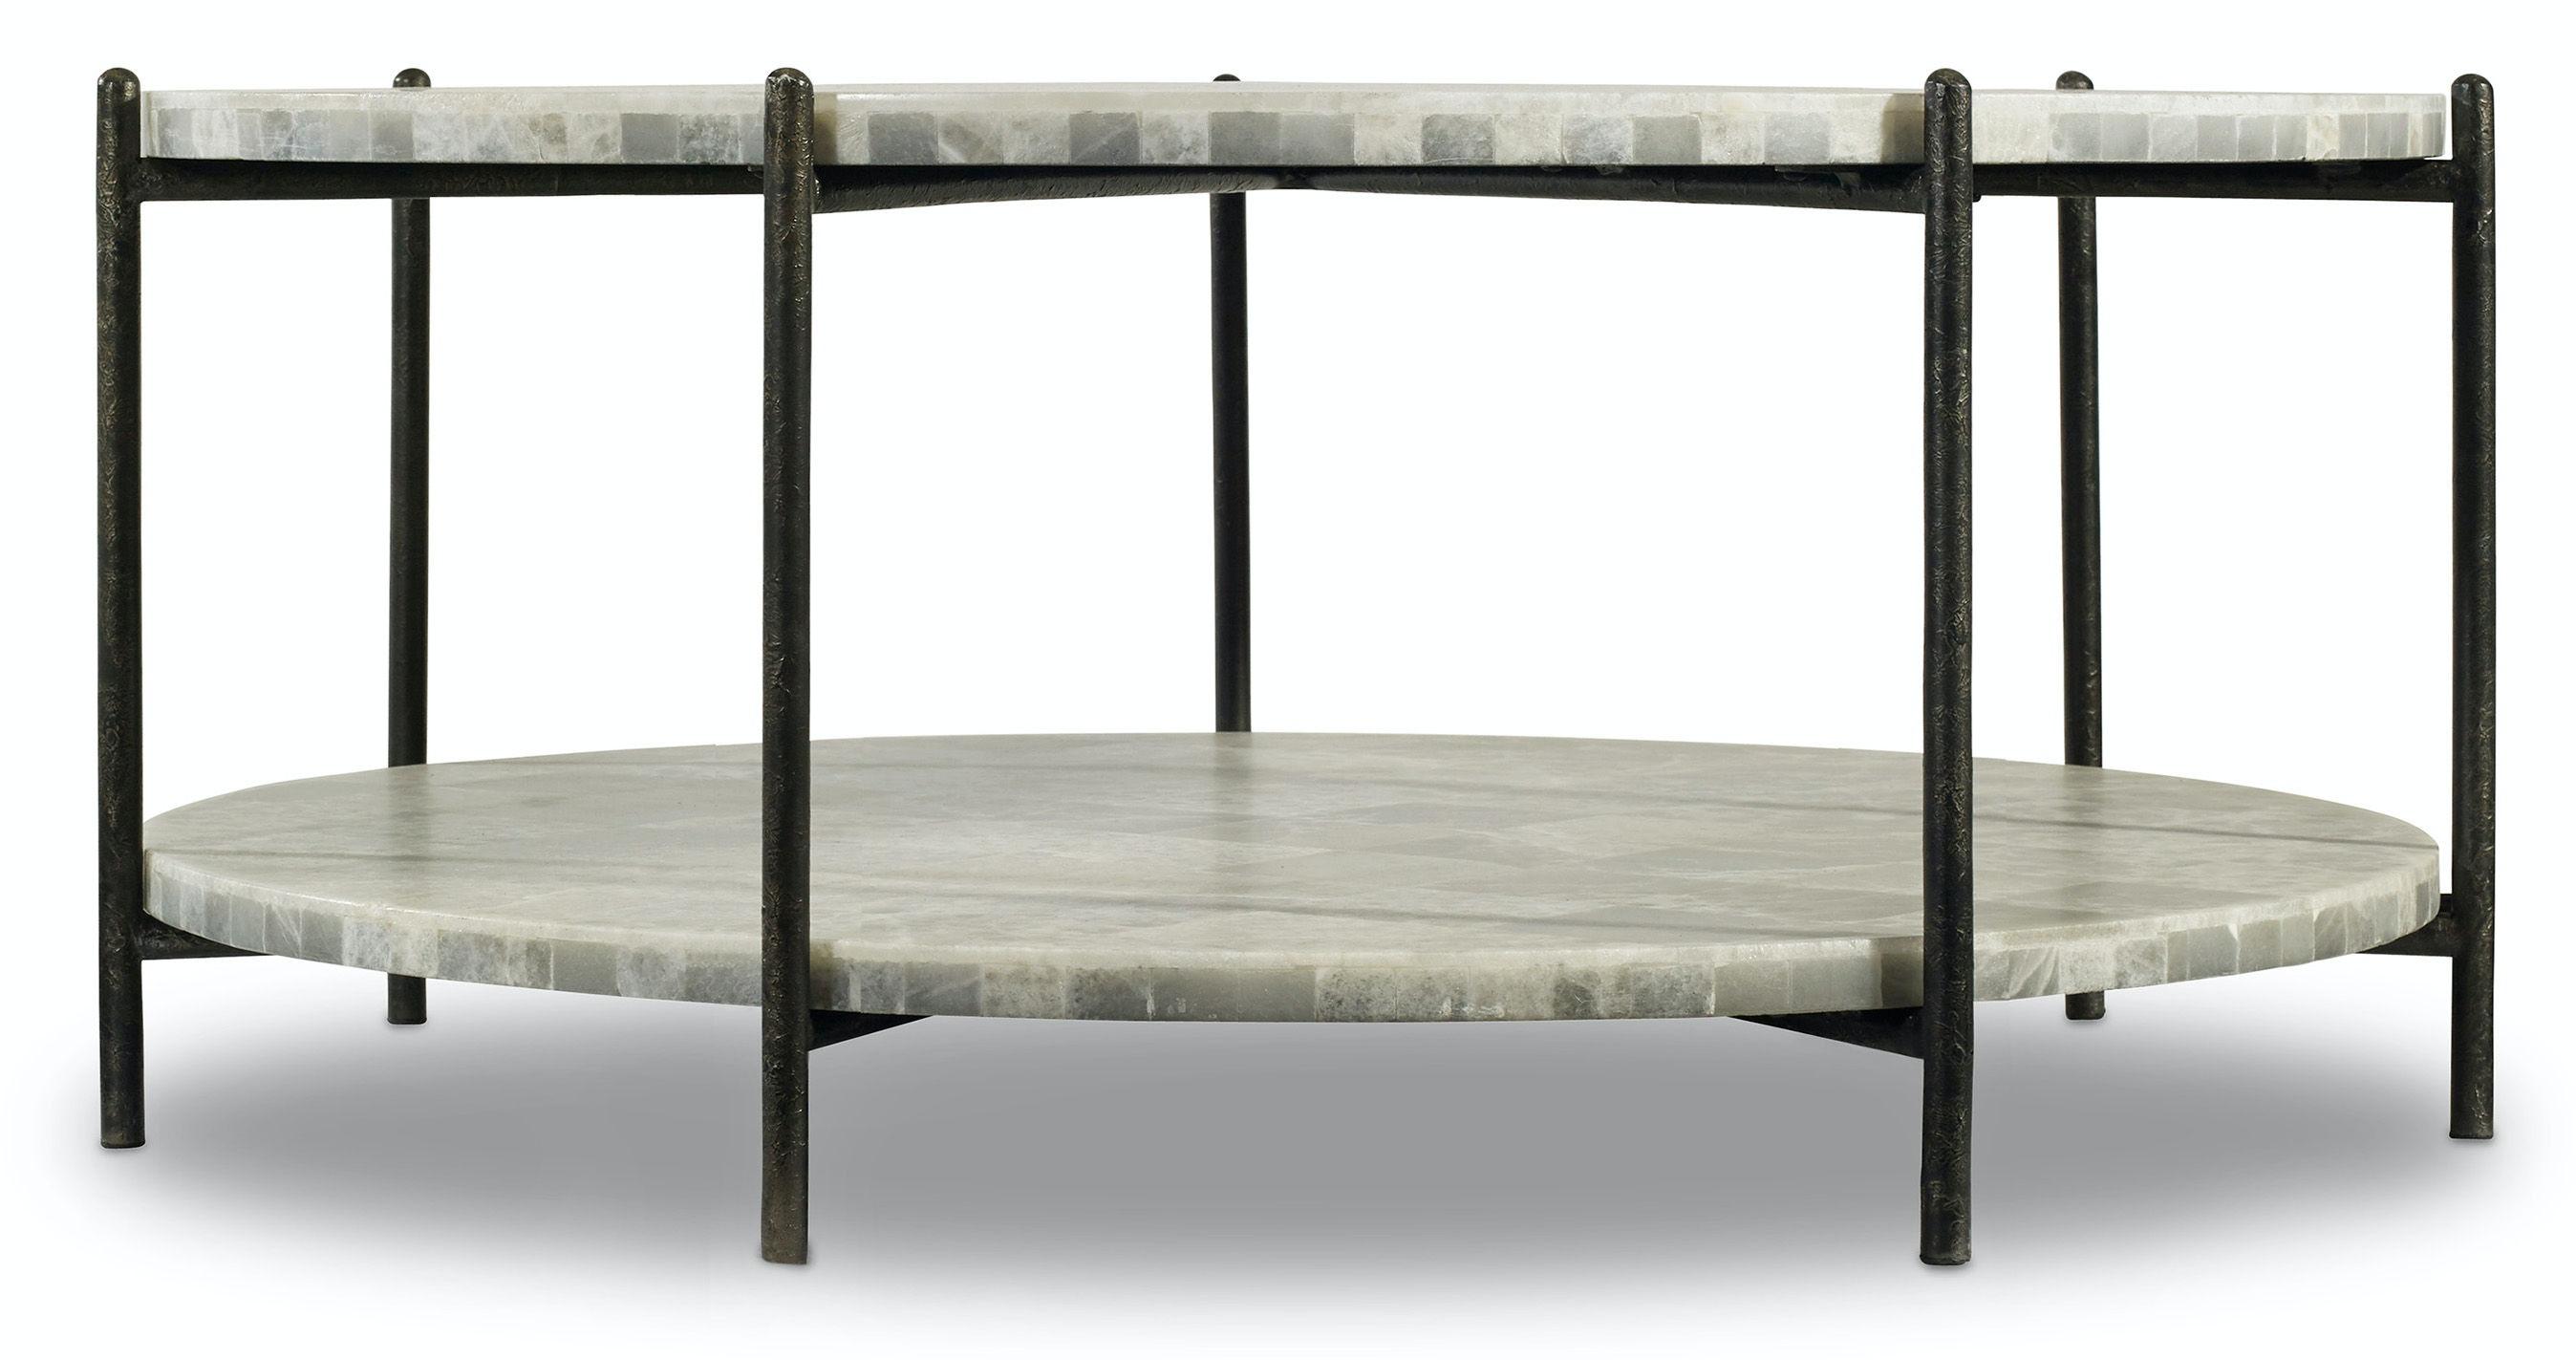 Hooker Furniture Melange Blythe Cocktail Table HS63850340WH From Walter E. Smithe  Furniture + Design